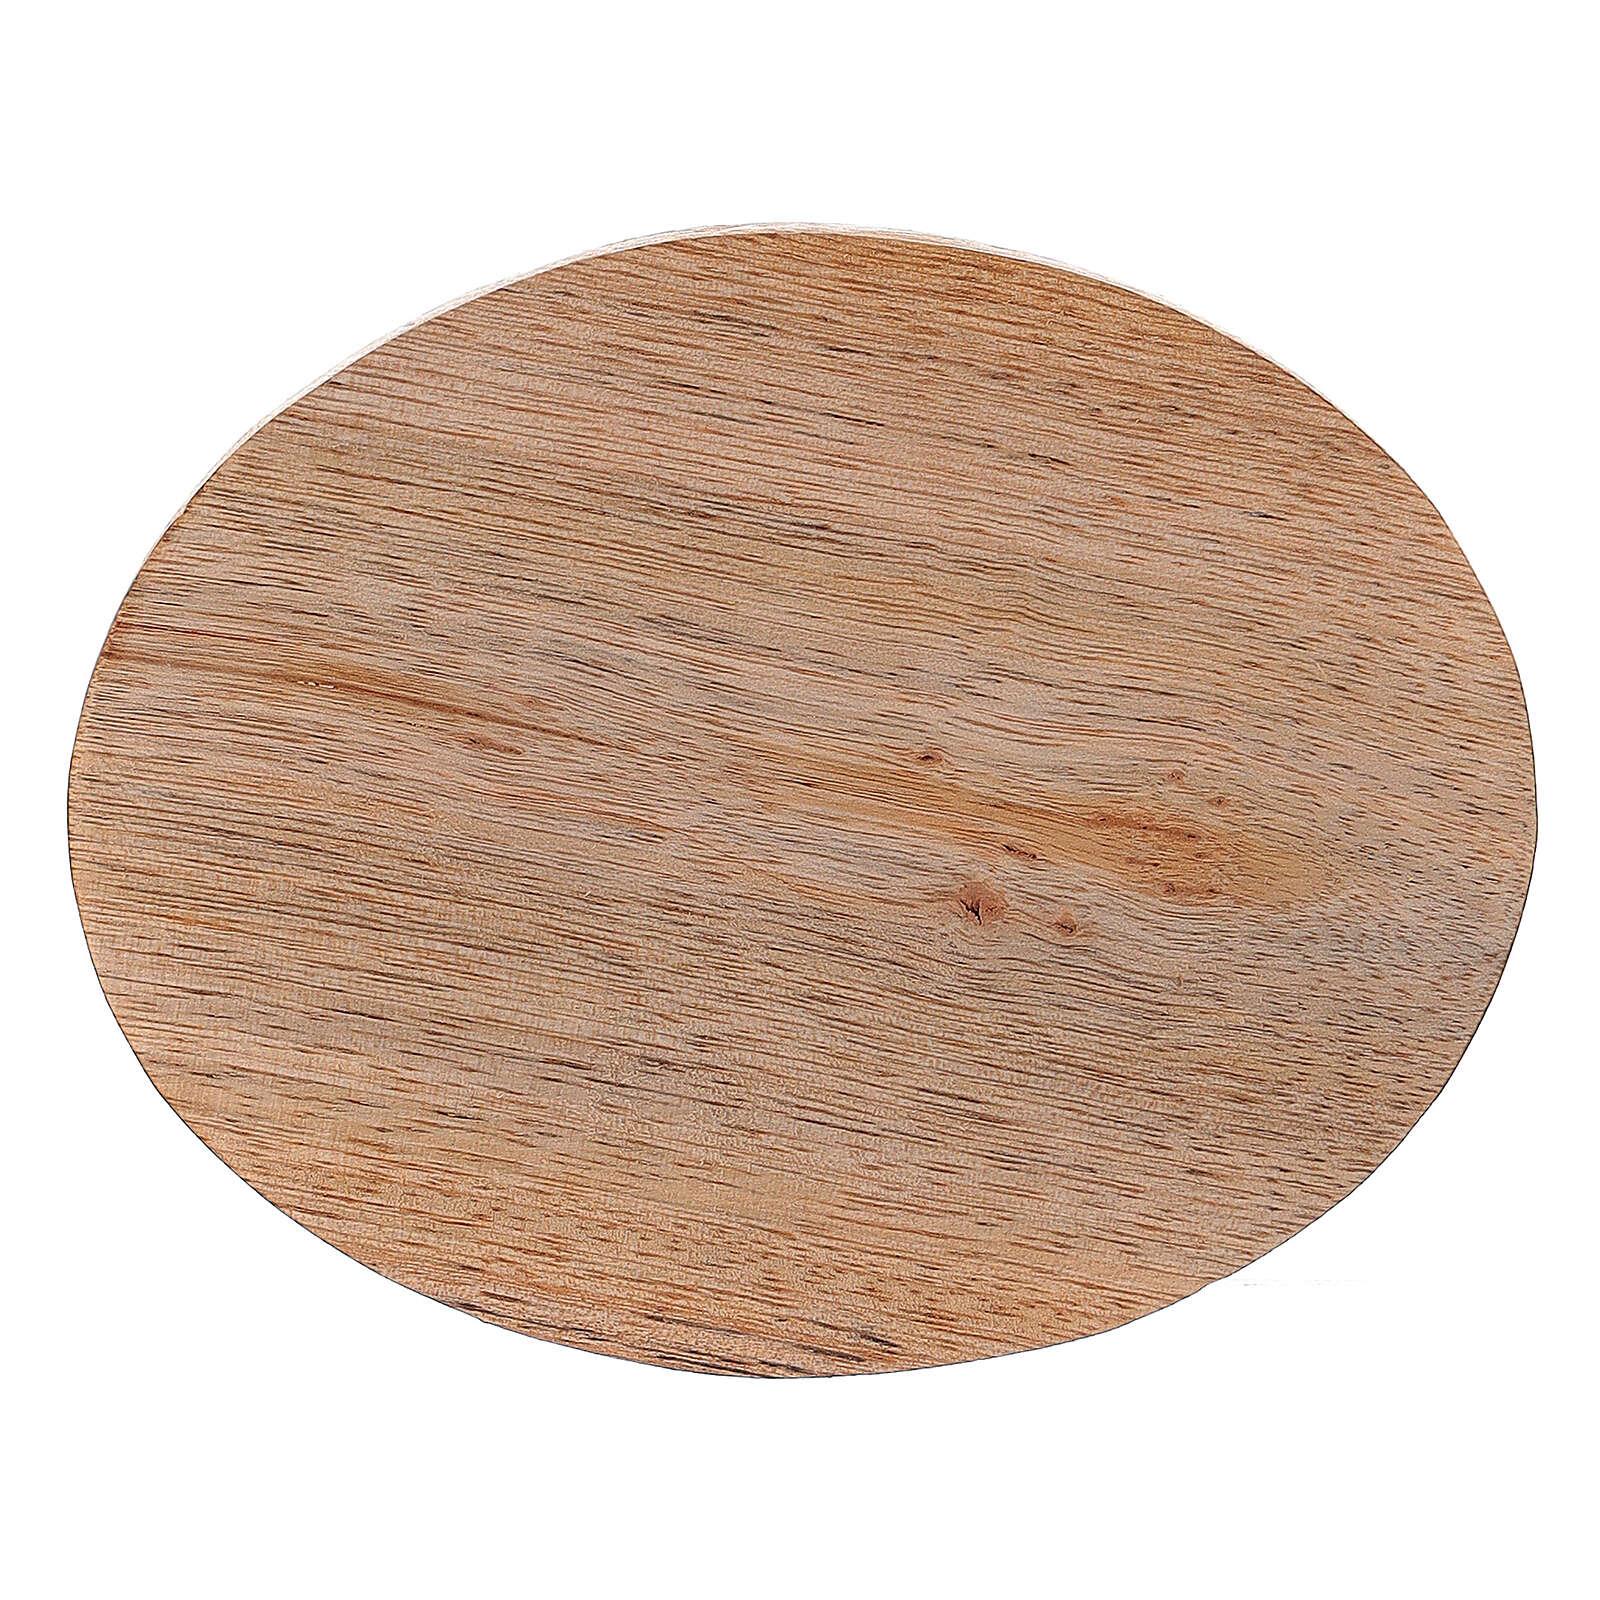 Assiette bougeoir bois manguier naturel ovale 10x8 cm 3